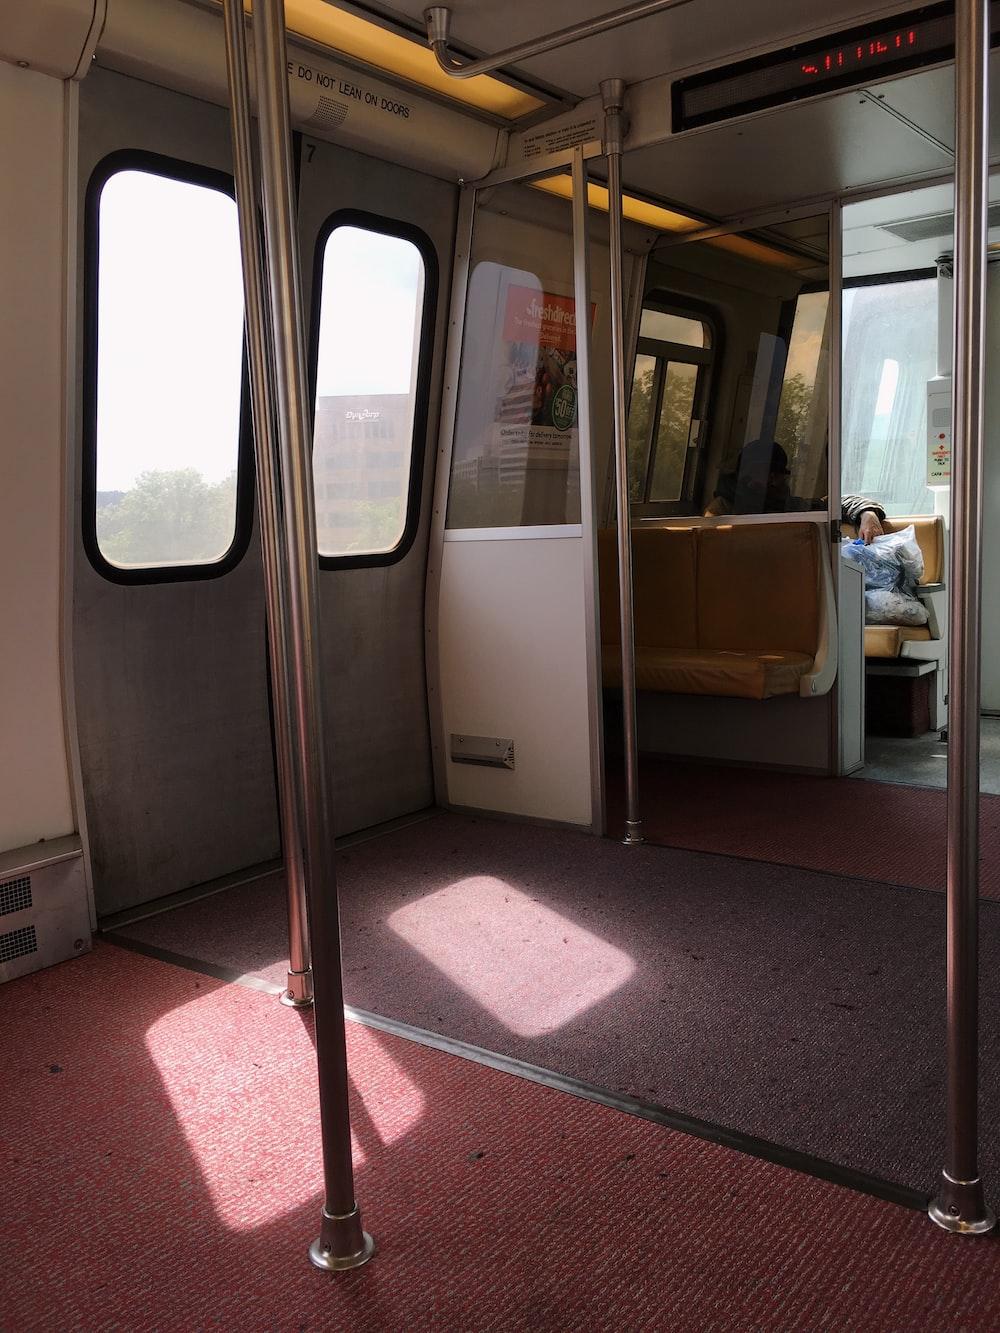 turned LED signage inside train